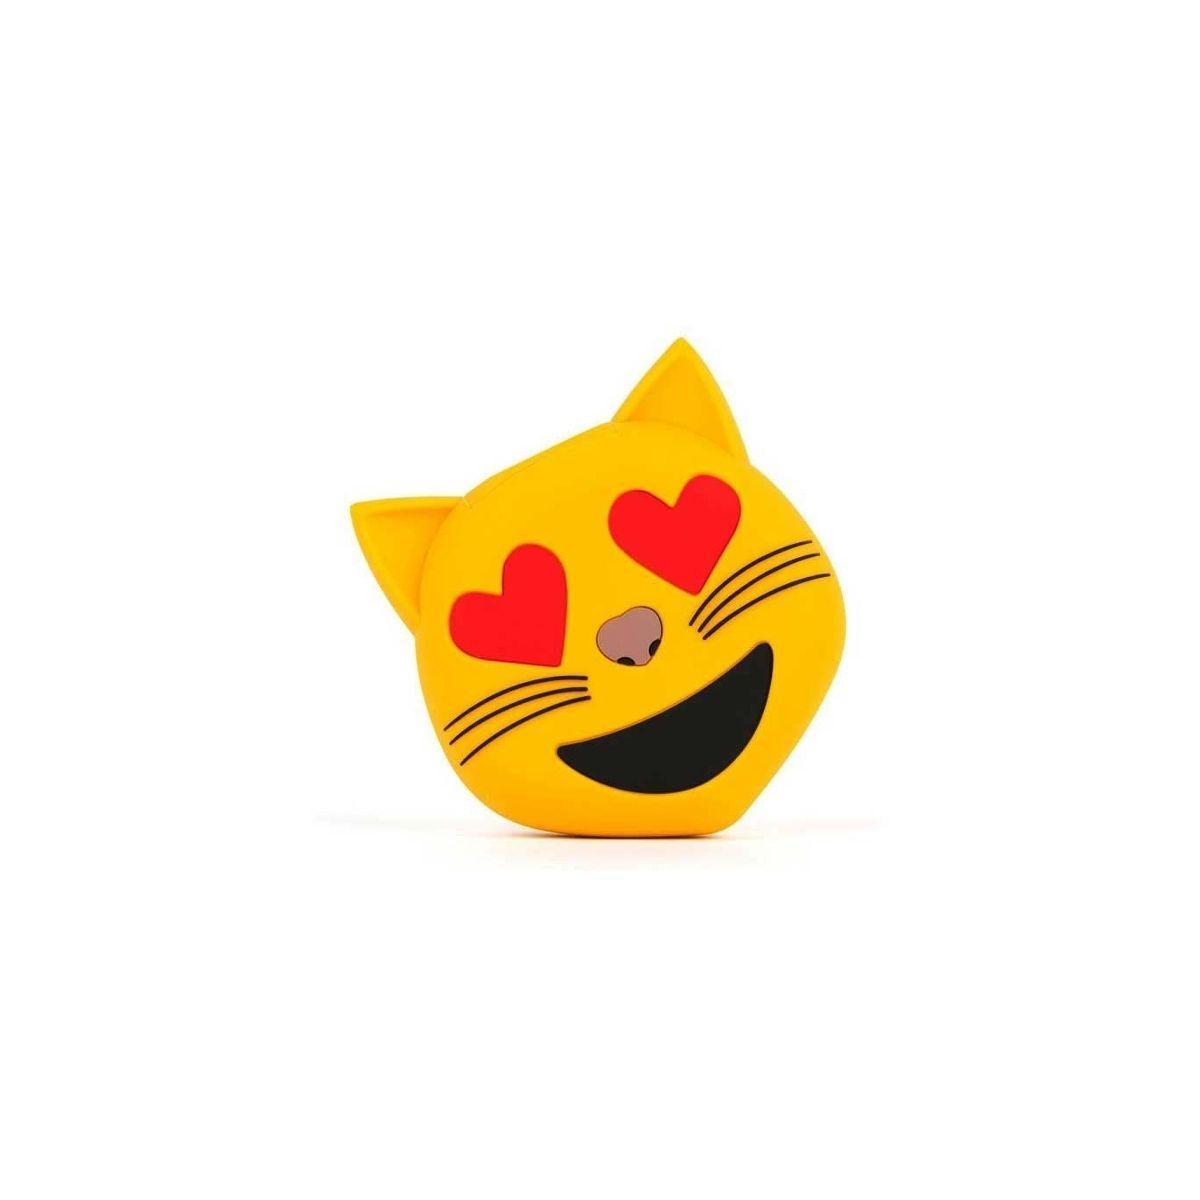 Batterie externe mojipower powerbank 2600 mah emoji chat - 2% de remise imm�diate avec le code : deal2 (photo)